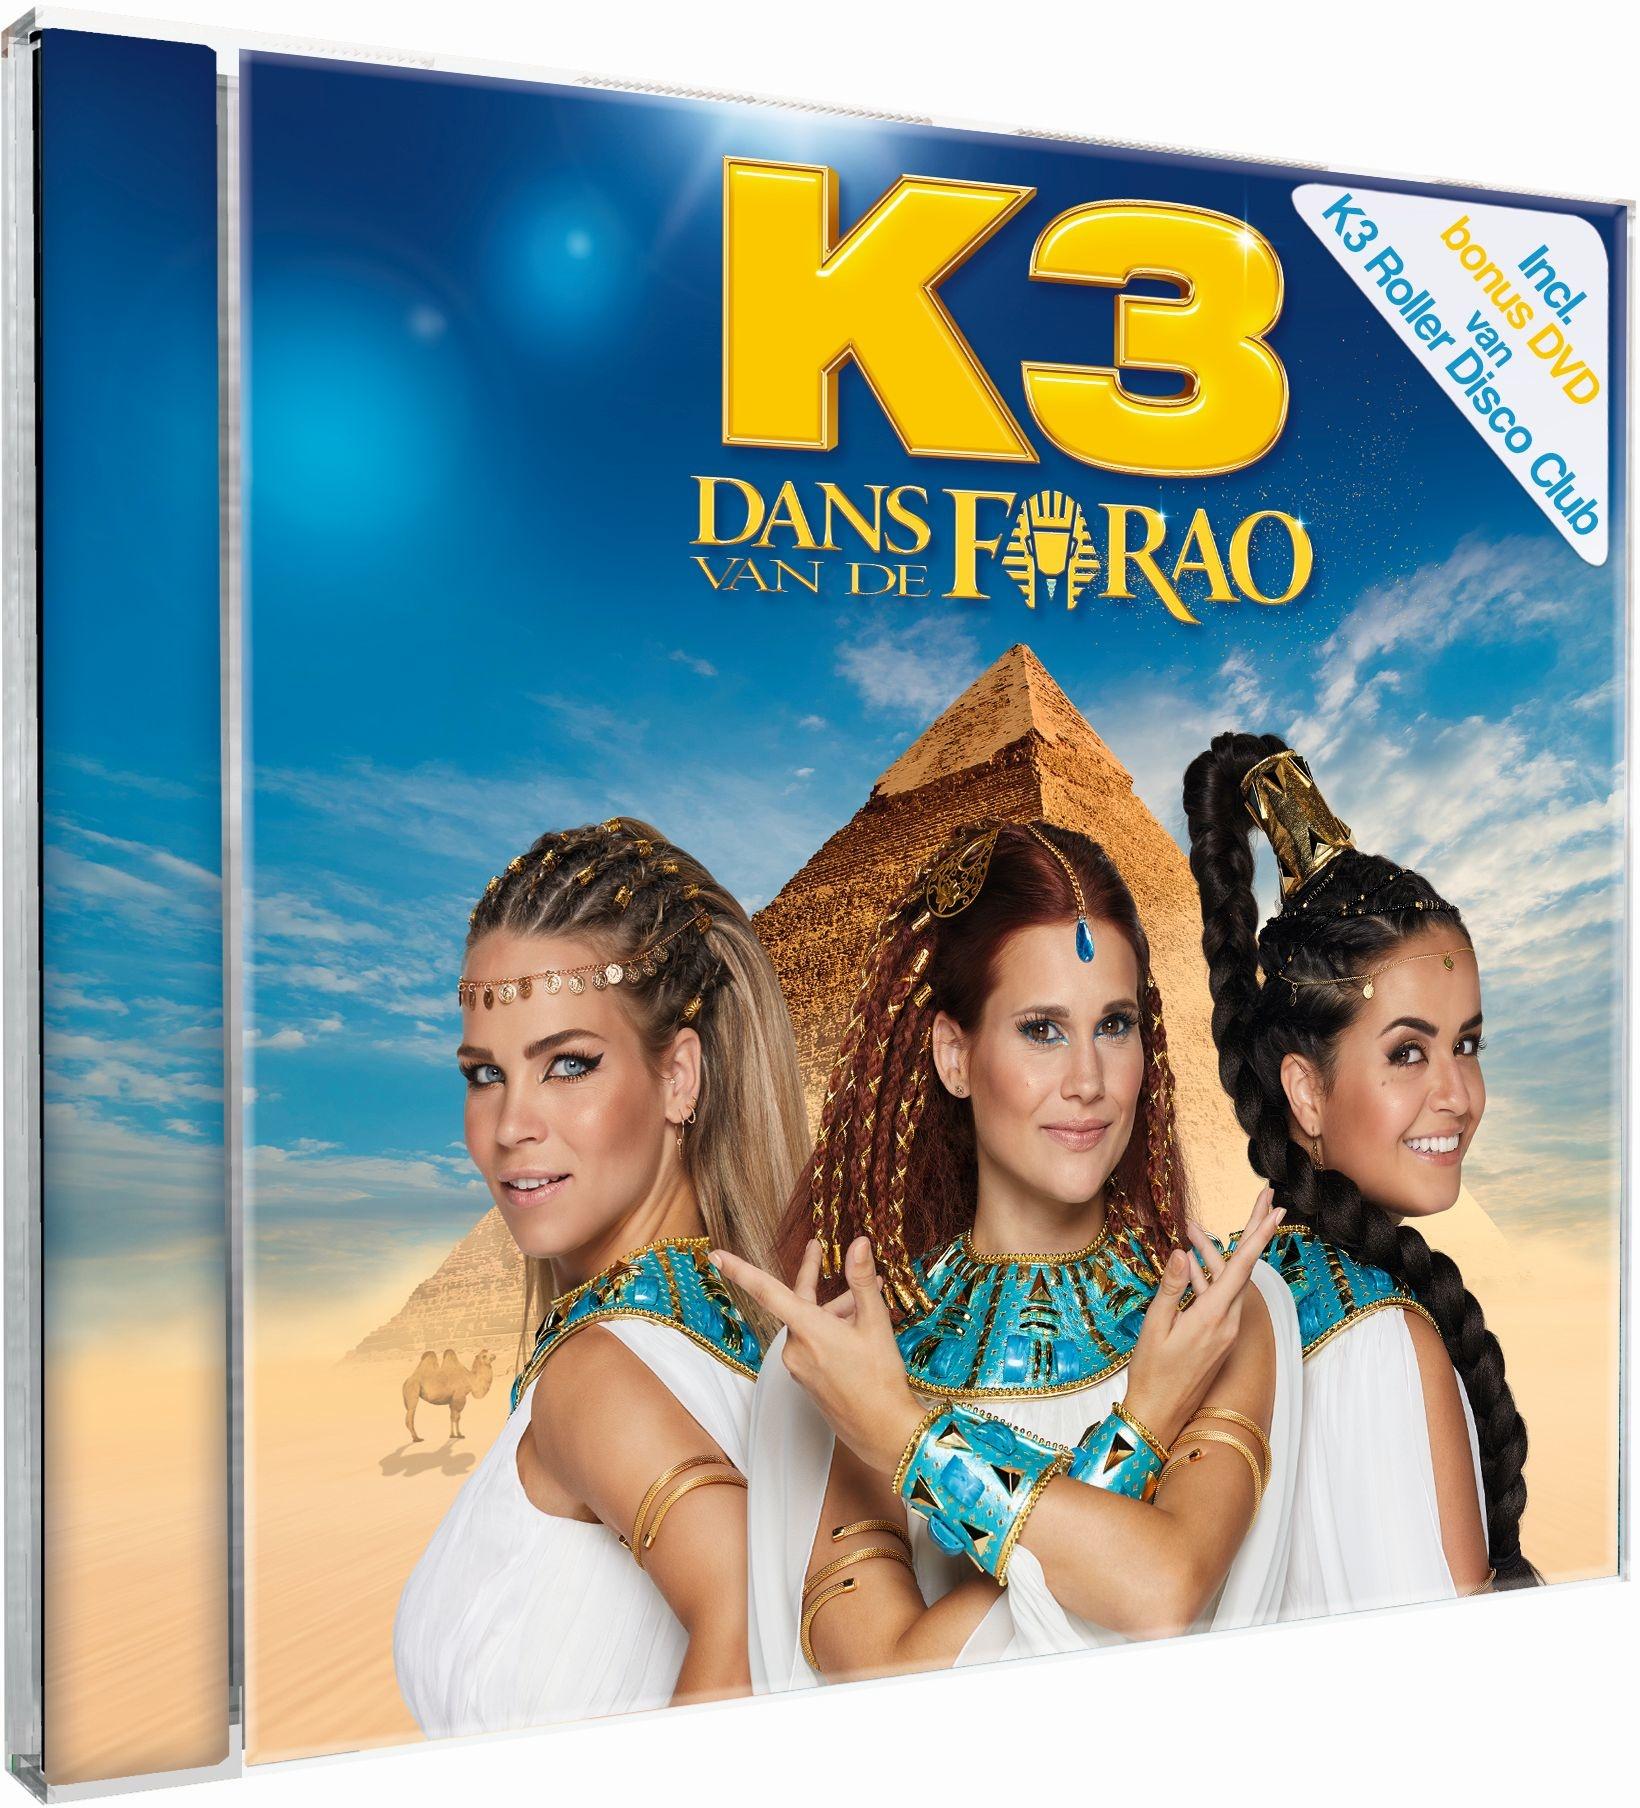 K3 CD - Dance of the Pharaoh